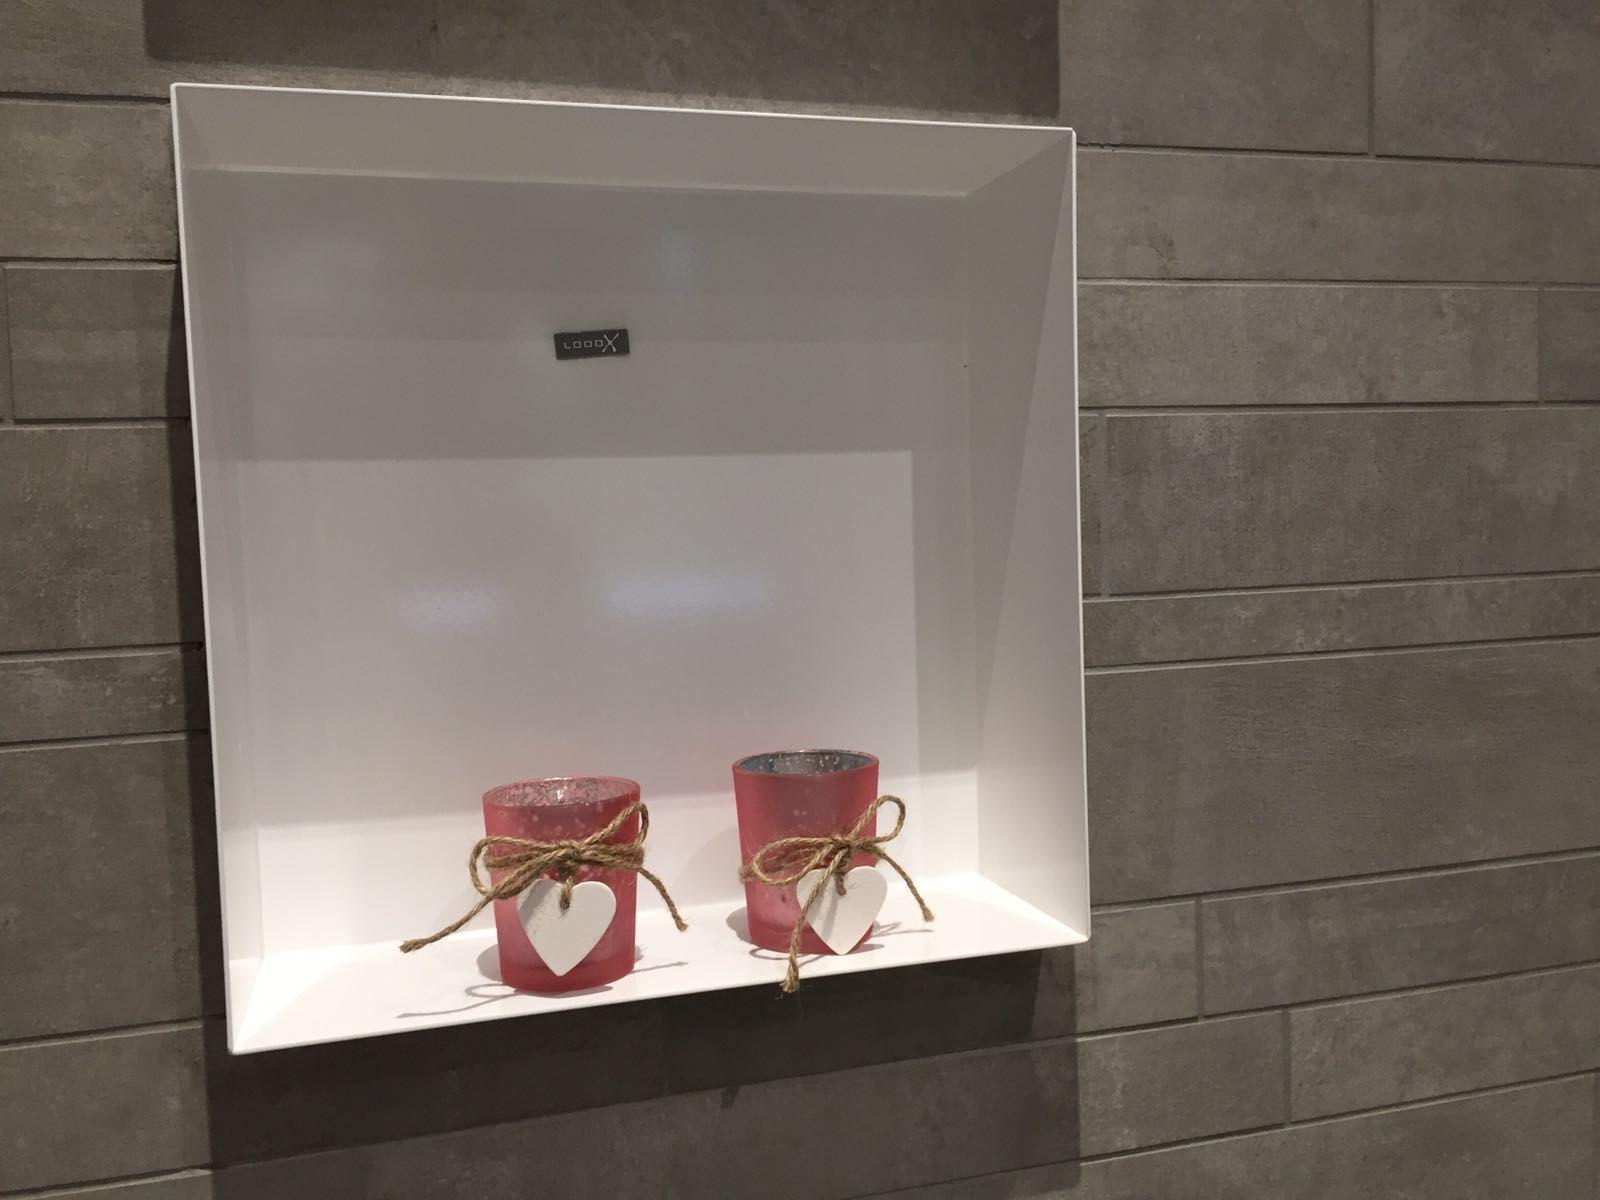 Badezimmer Vinyl ~ Cincinnati bad umbau cincinnati badezimmer umbau in keiner weise